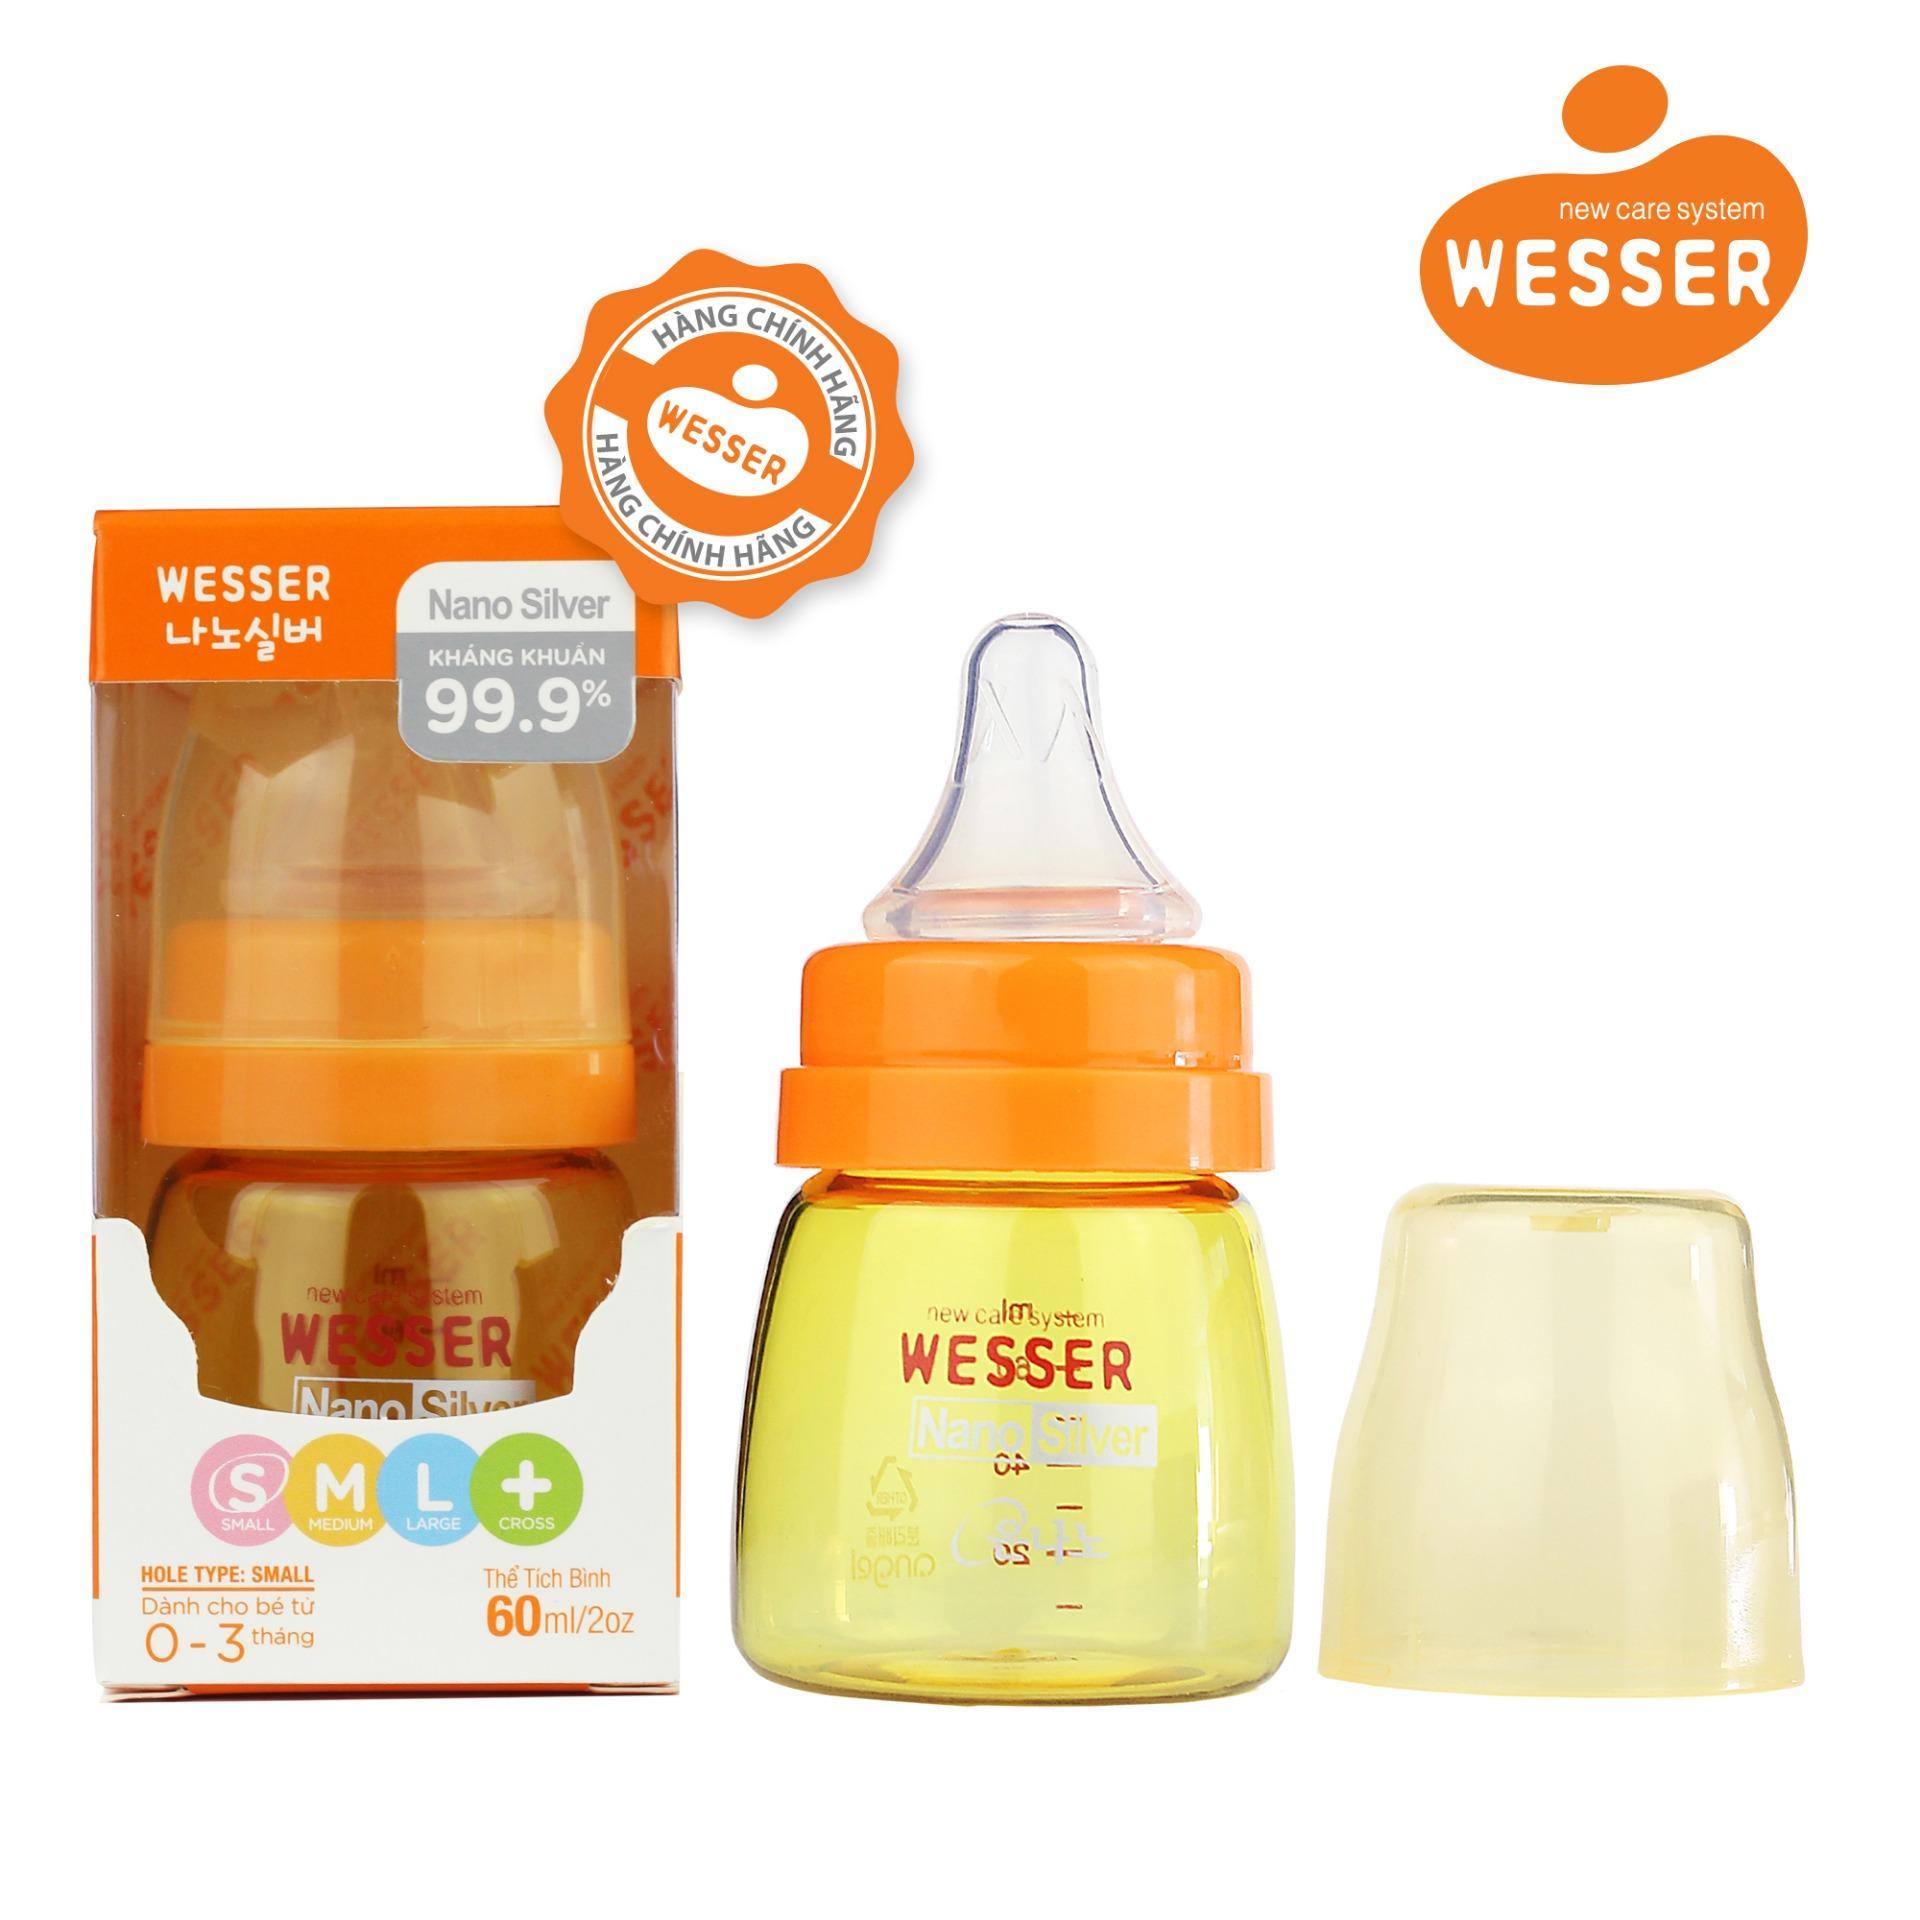 Bình sữa Wesser Nano Silver cổ hẹp 60ml ( Màu...